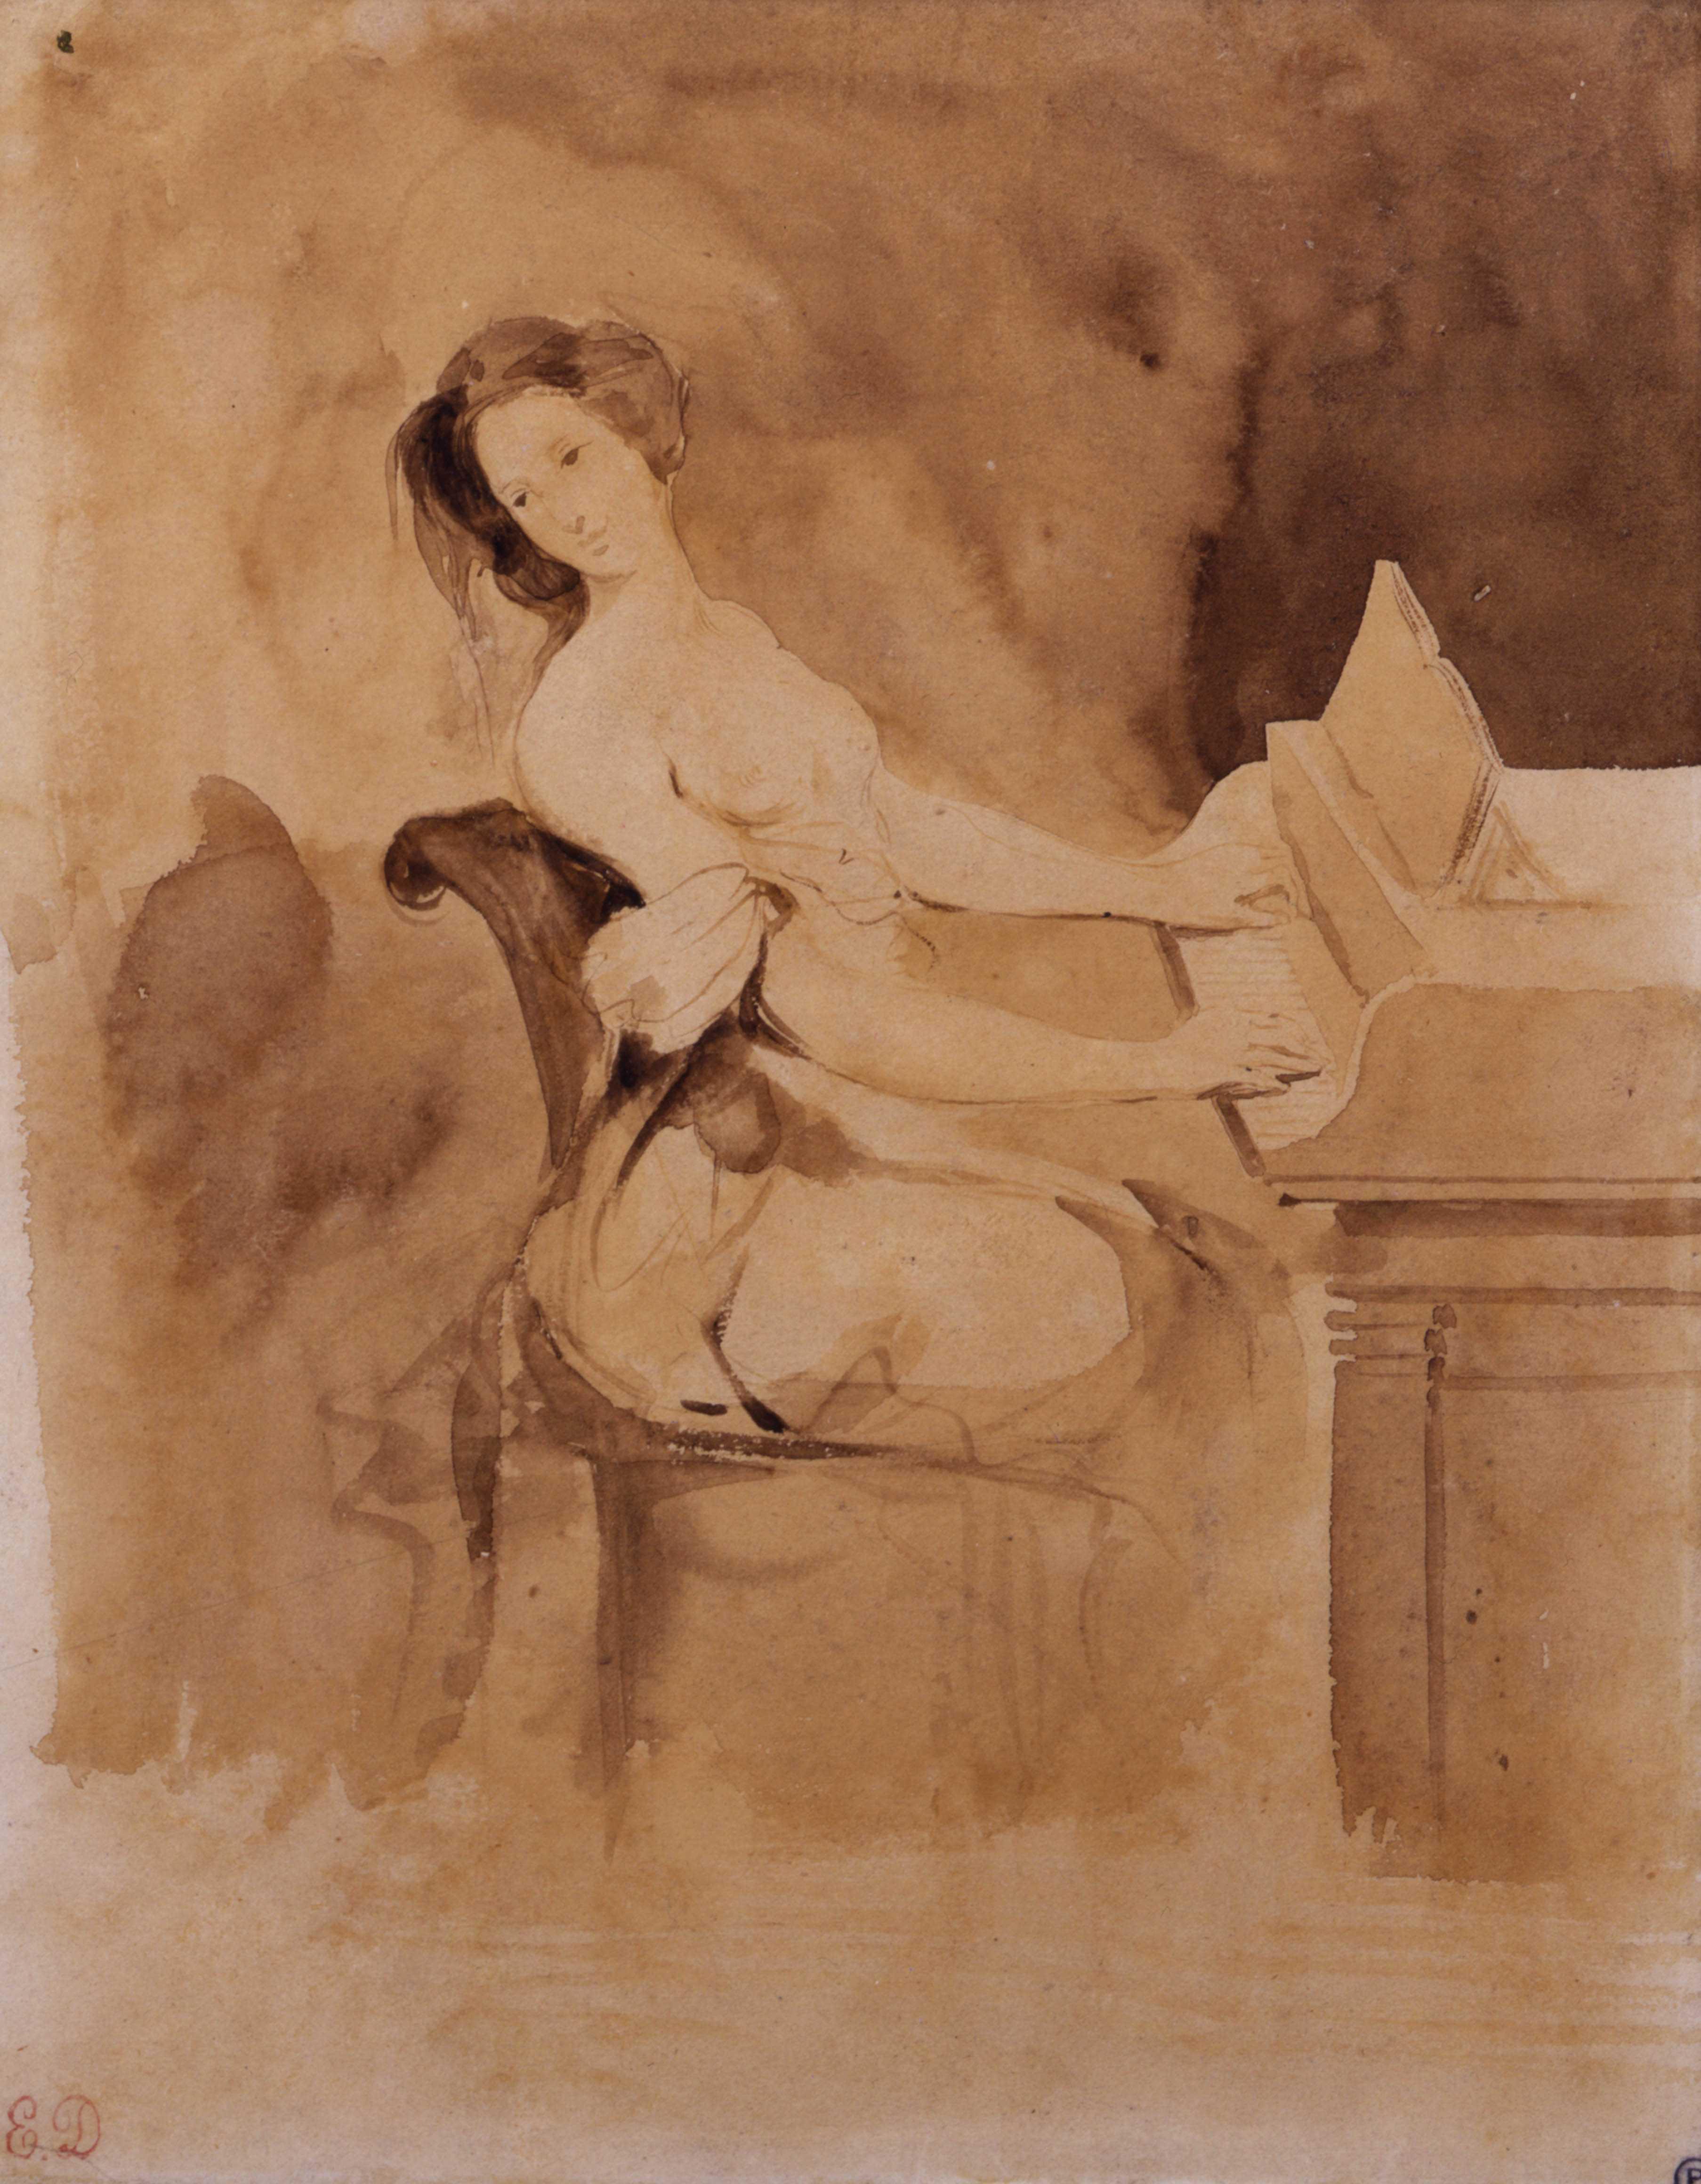 Eugène Delacroix, L'amoureuse au piano, XIXe siècle. Pinceau et lavis brun, 21,8 x 17,5 cm, Collection Prat.